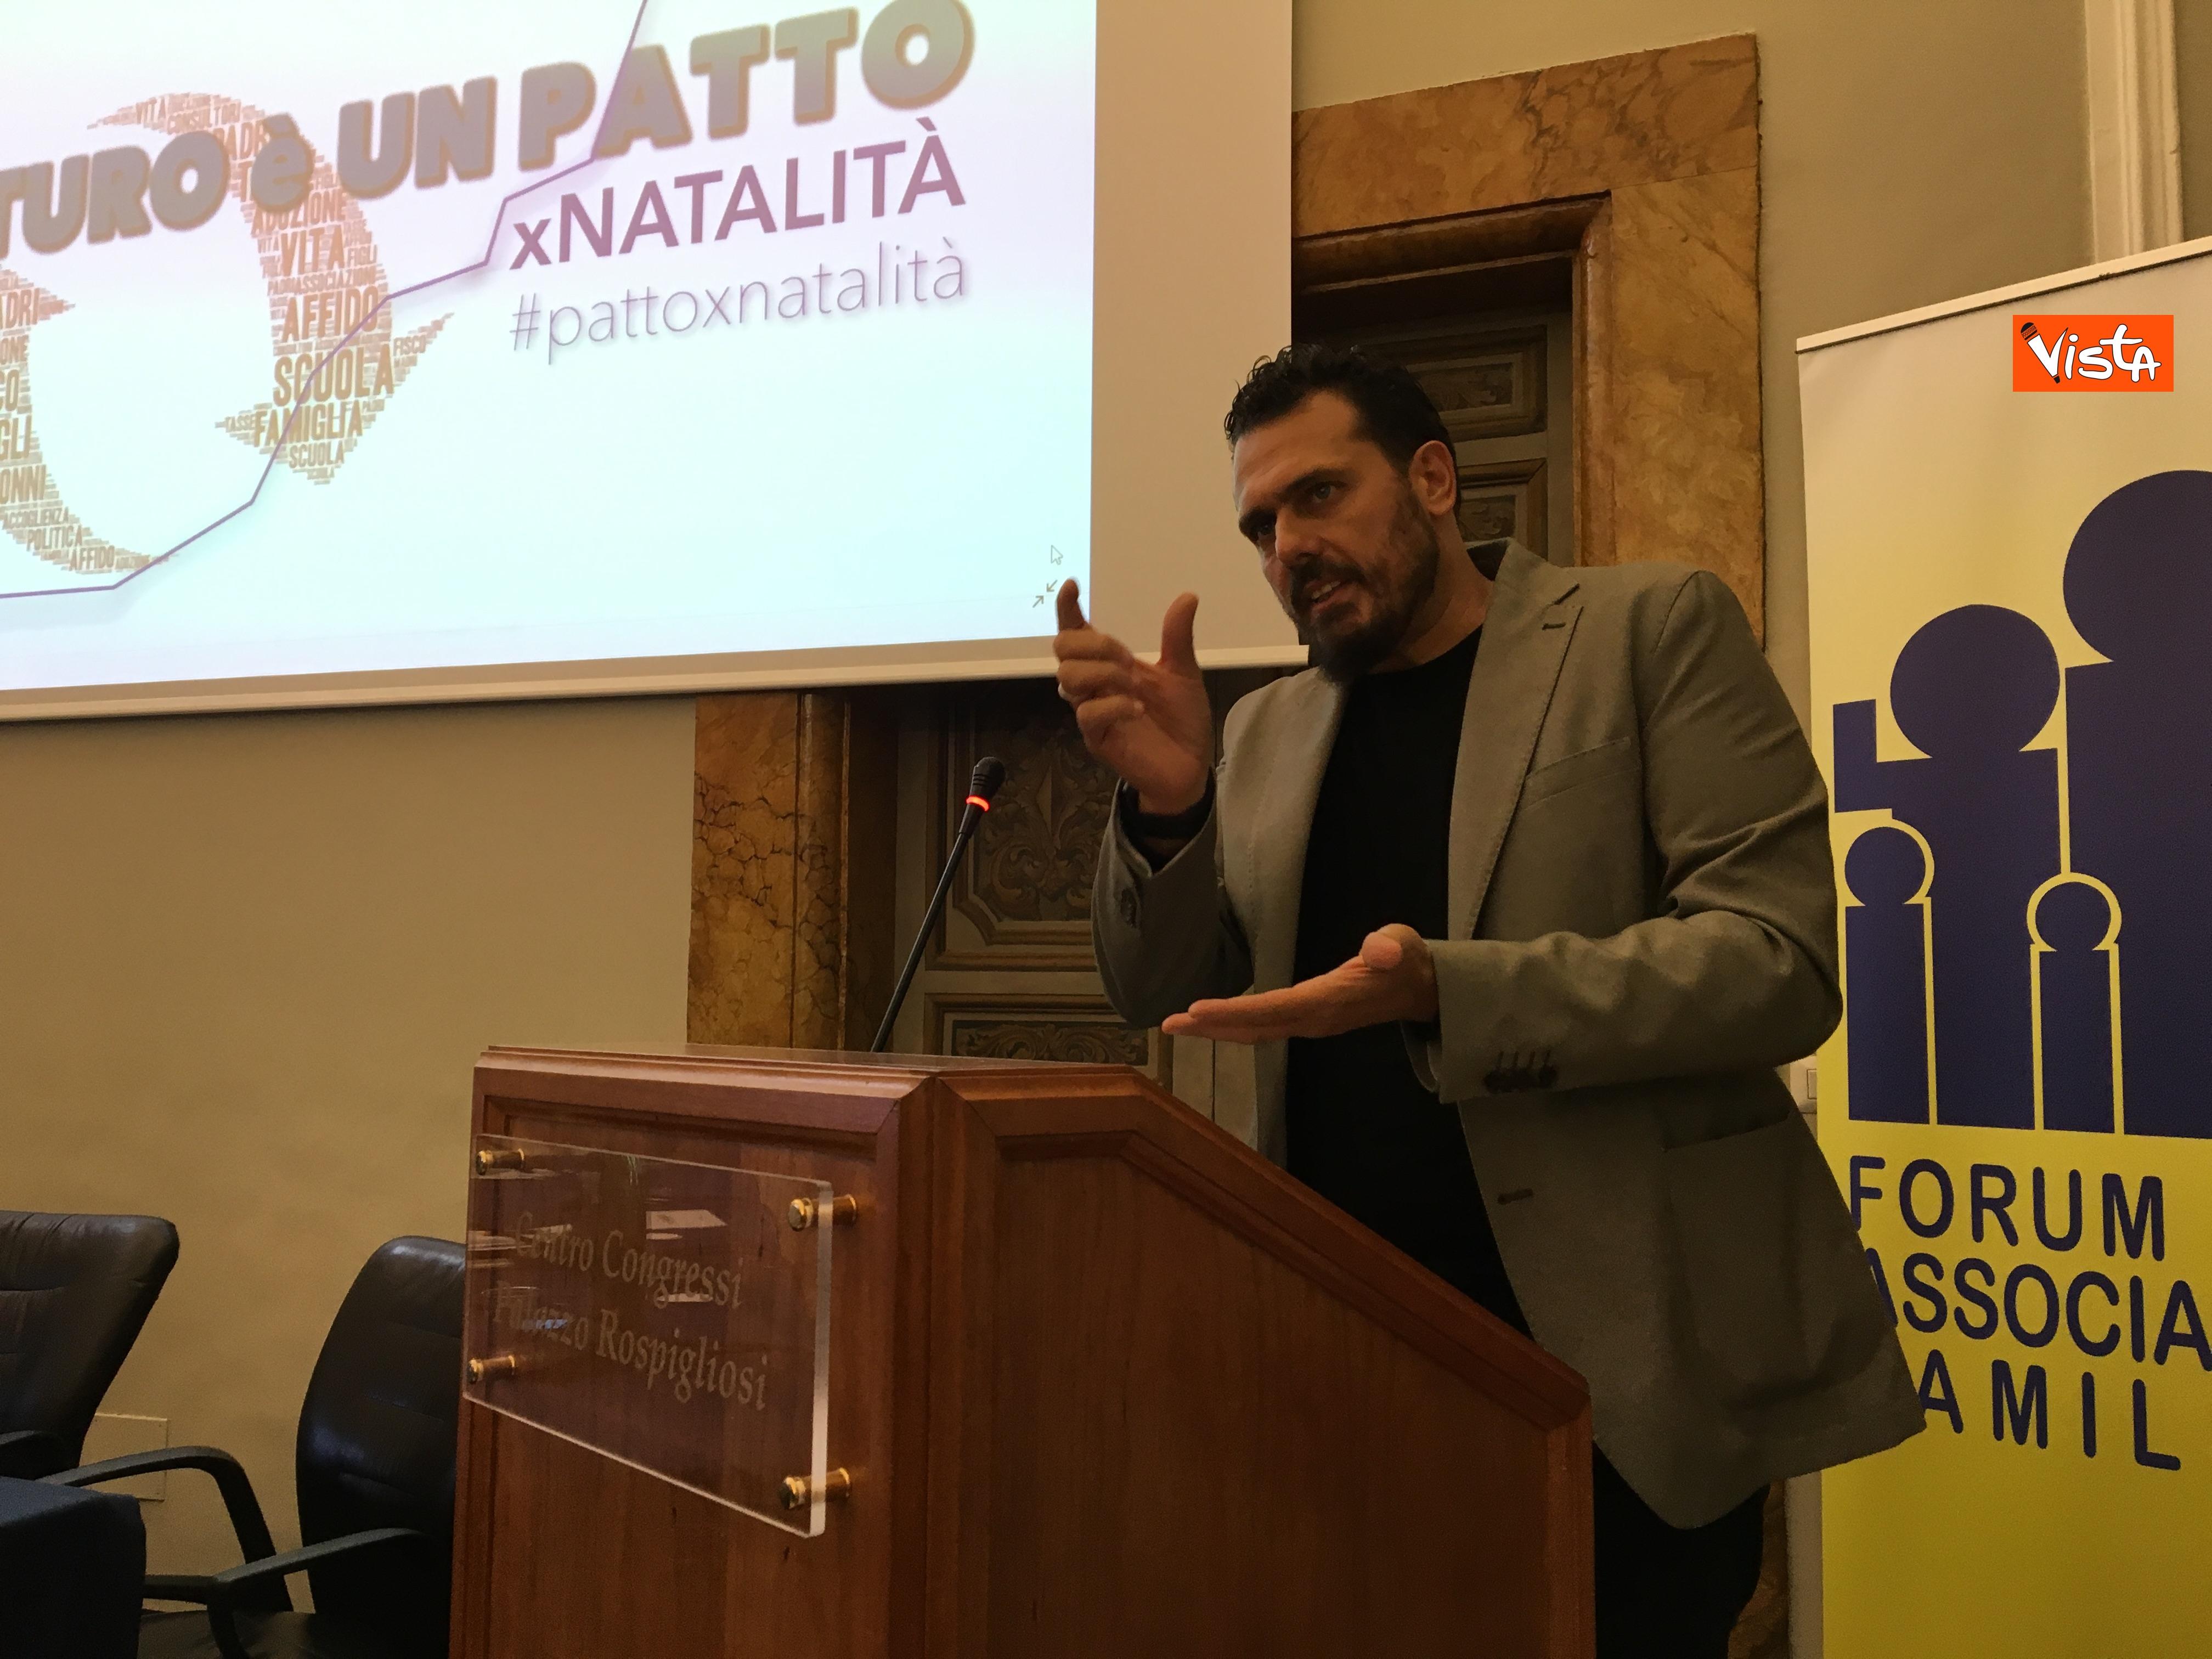 24-11-18 Forum associazioni familiari con Salvini immagini_04